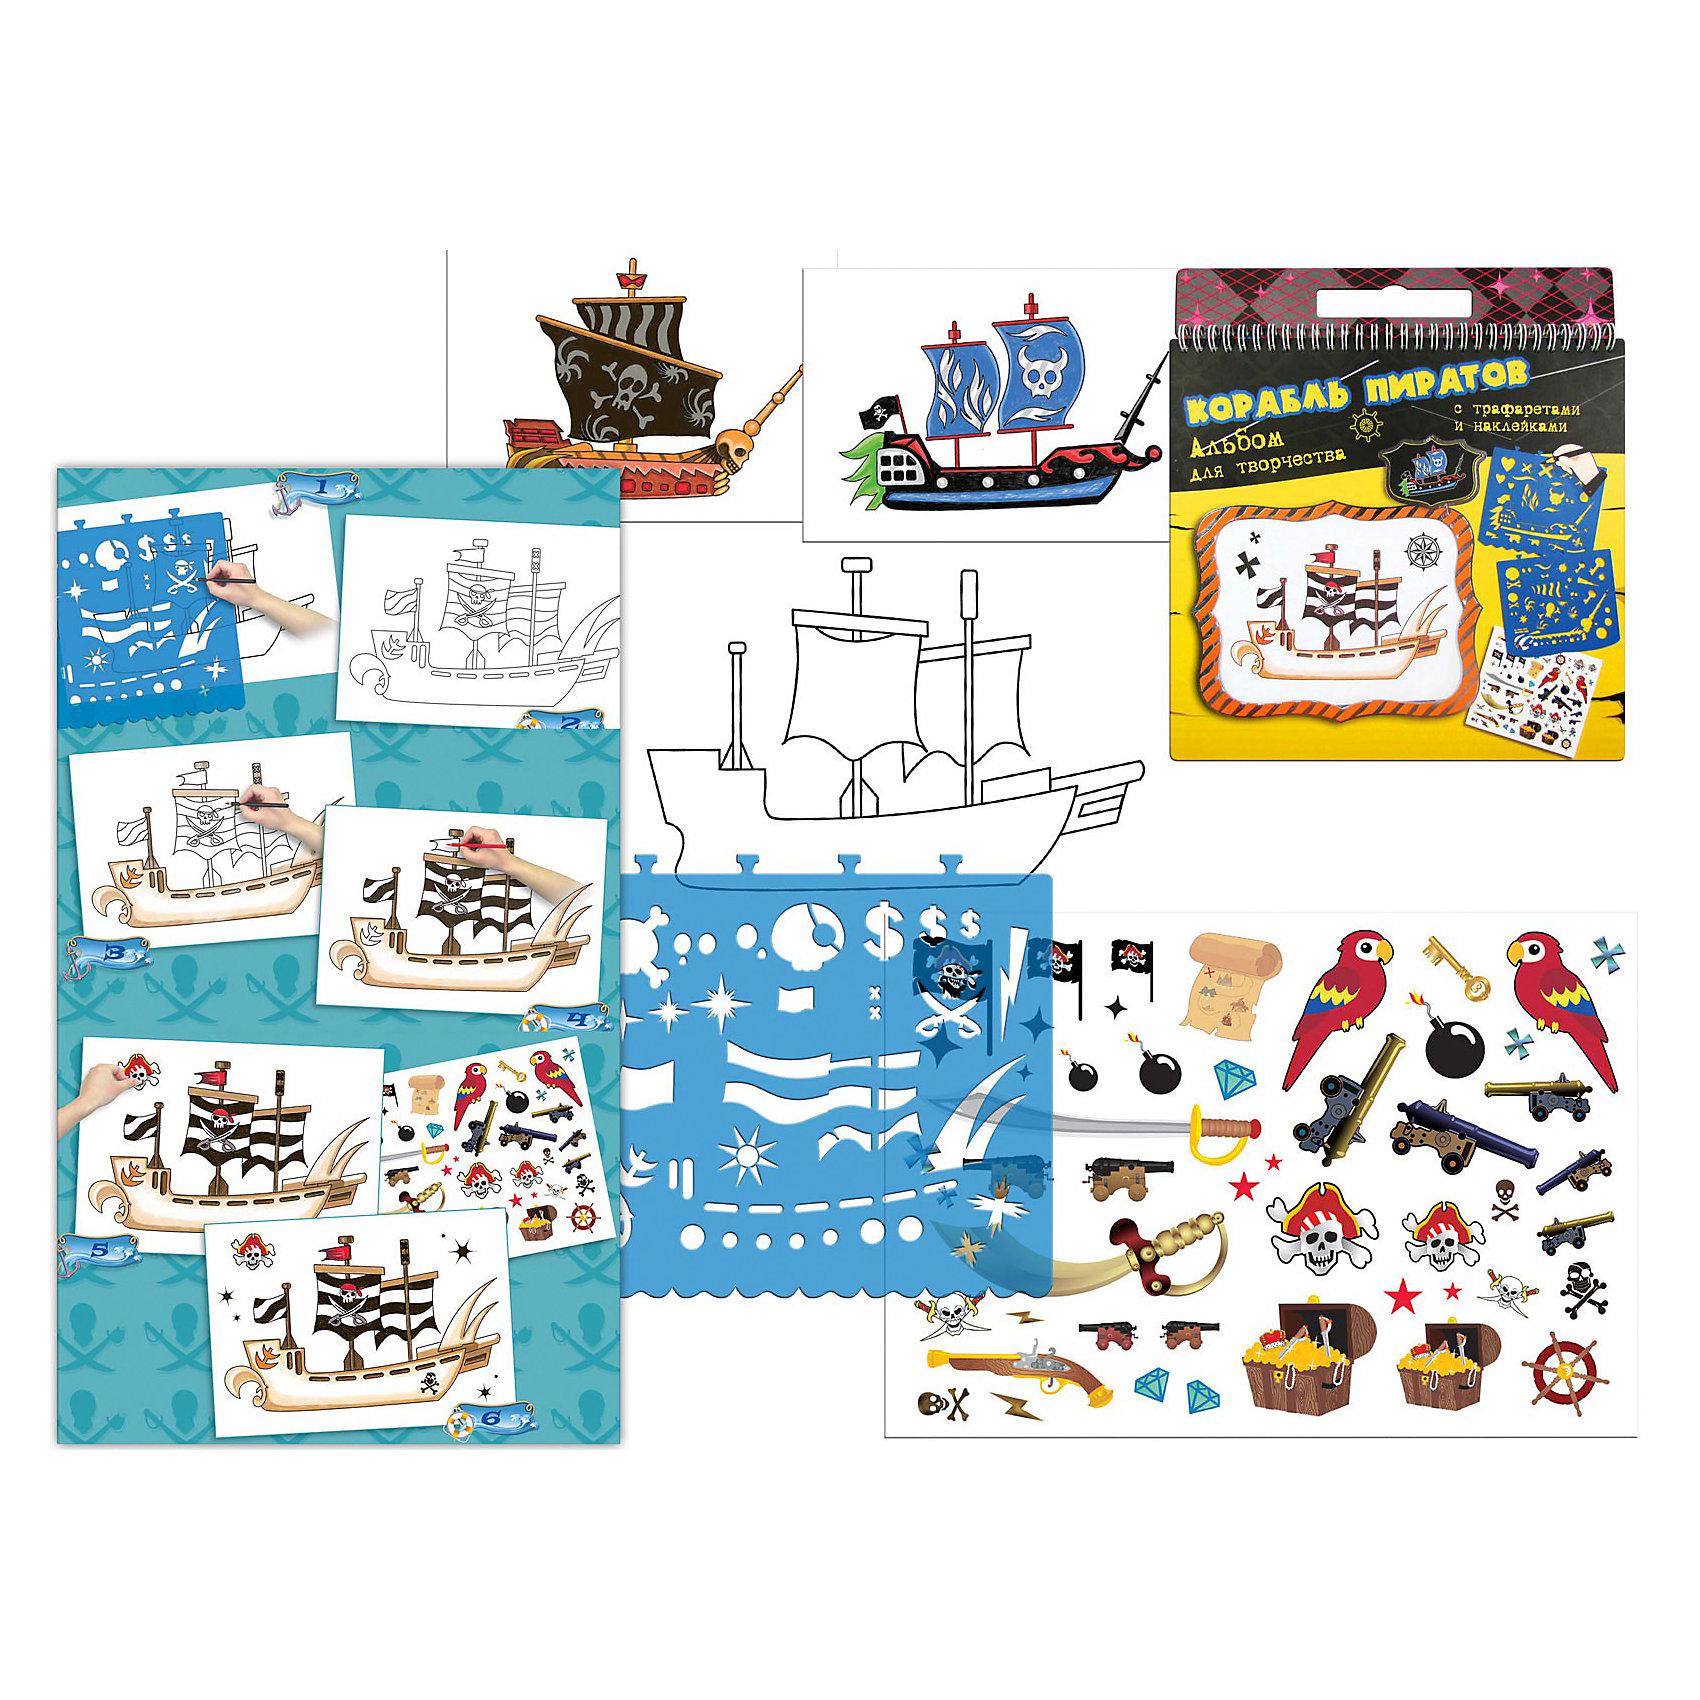 TUKZAR Альбом для творчества Пиратский корабль с трафаретами и наклейками, TUKZAR